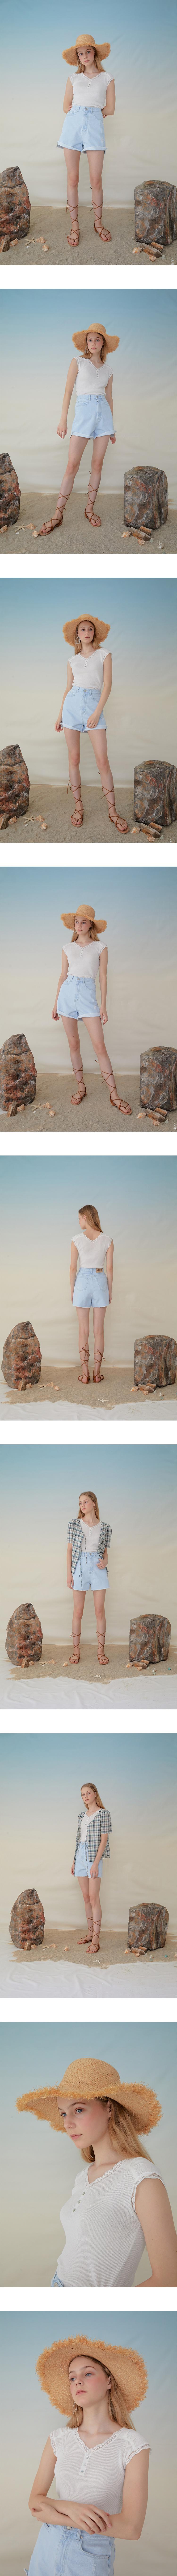 몬츠(MONTS) 943 glitter knit with lace trim (white)